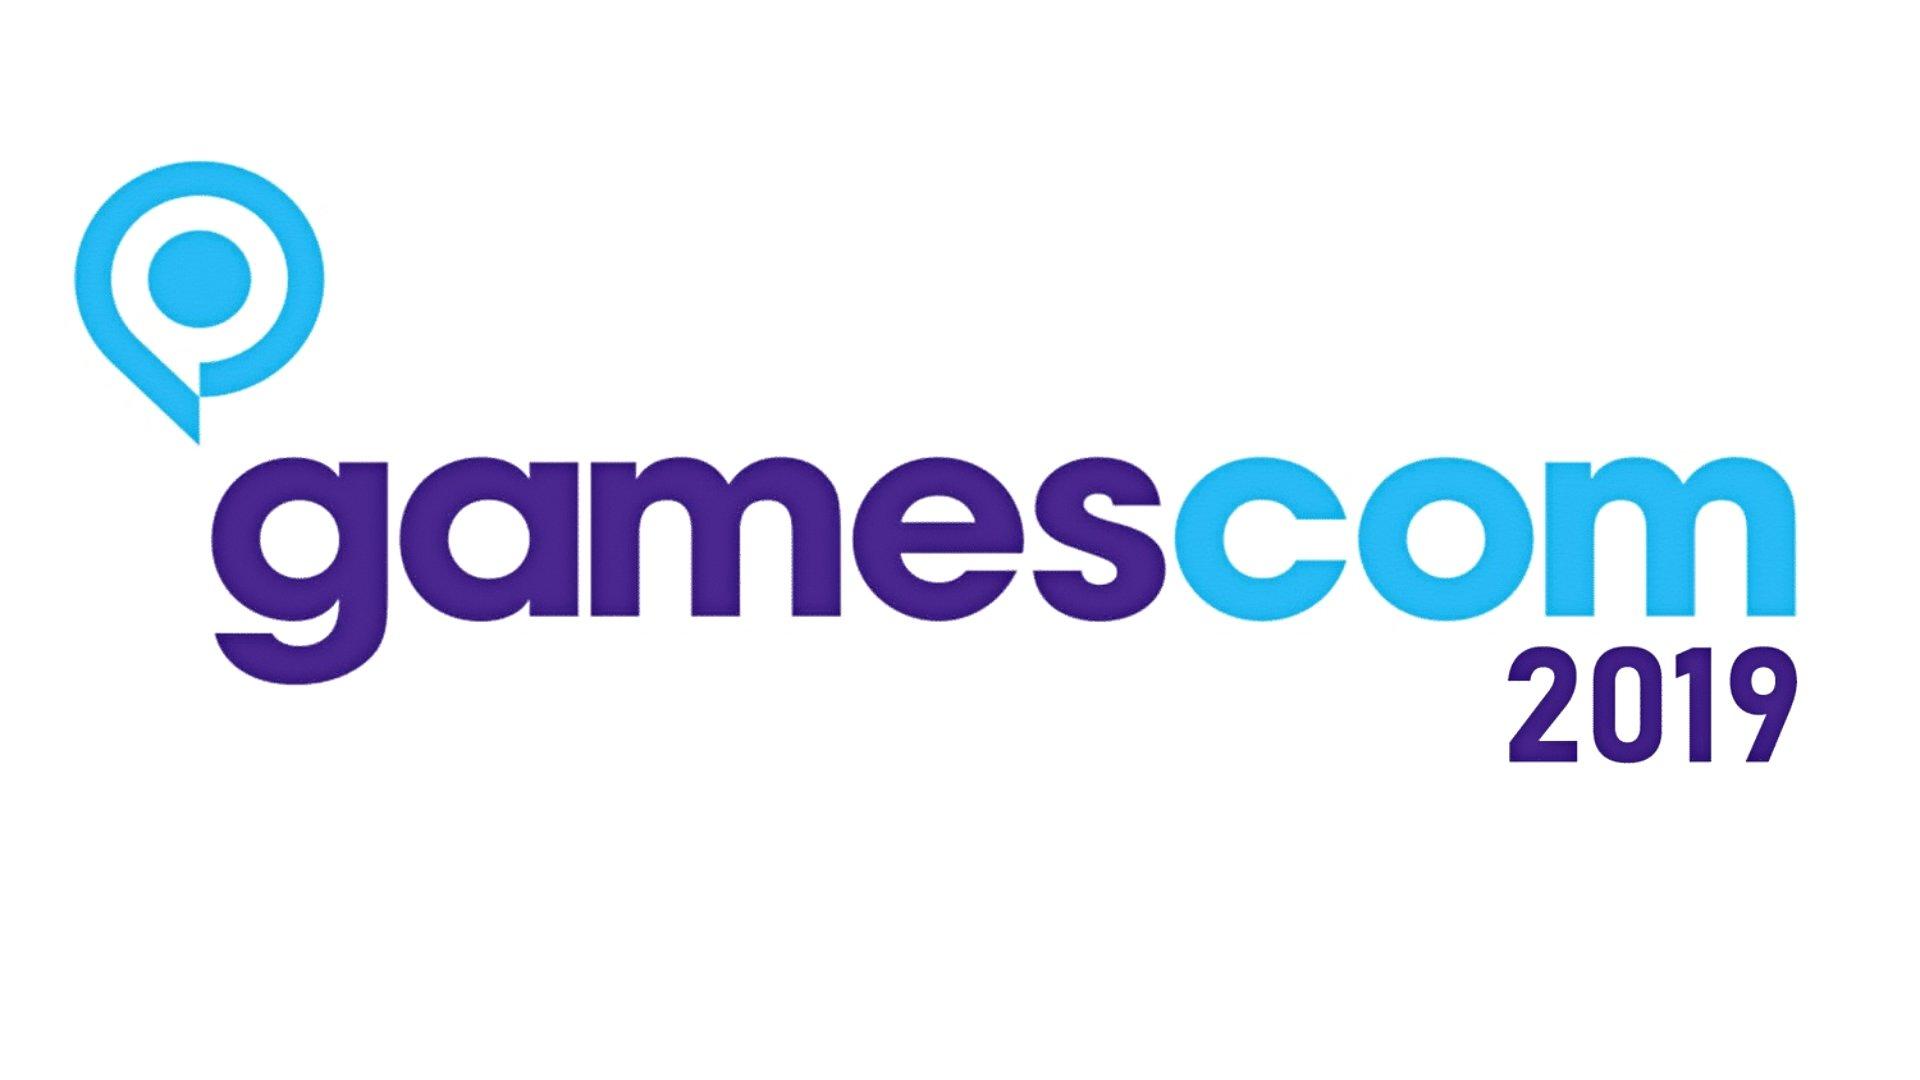 لیست نامزدهای مراسم Gamescom 2019 مشخص شد